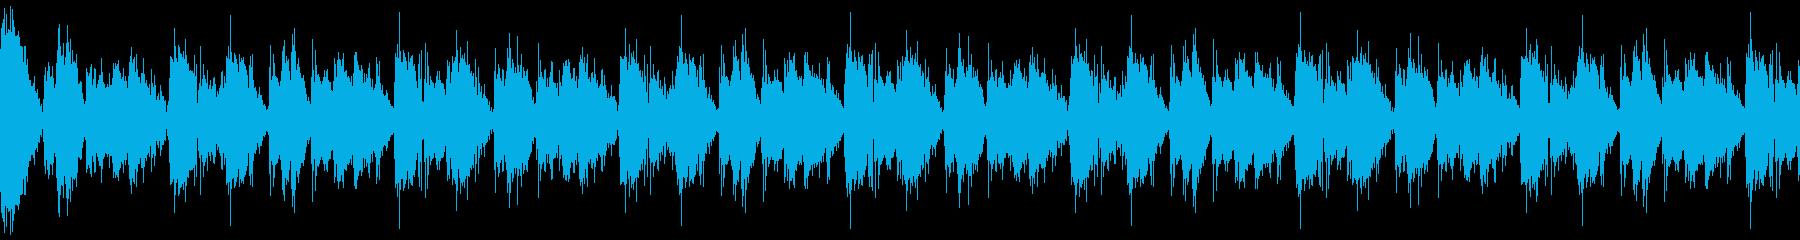 【ループA】シリアスでクールなテクノの再生済みの波形